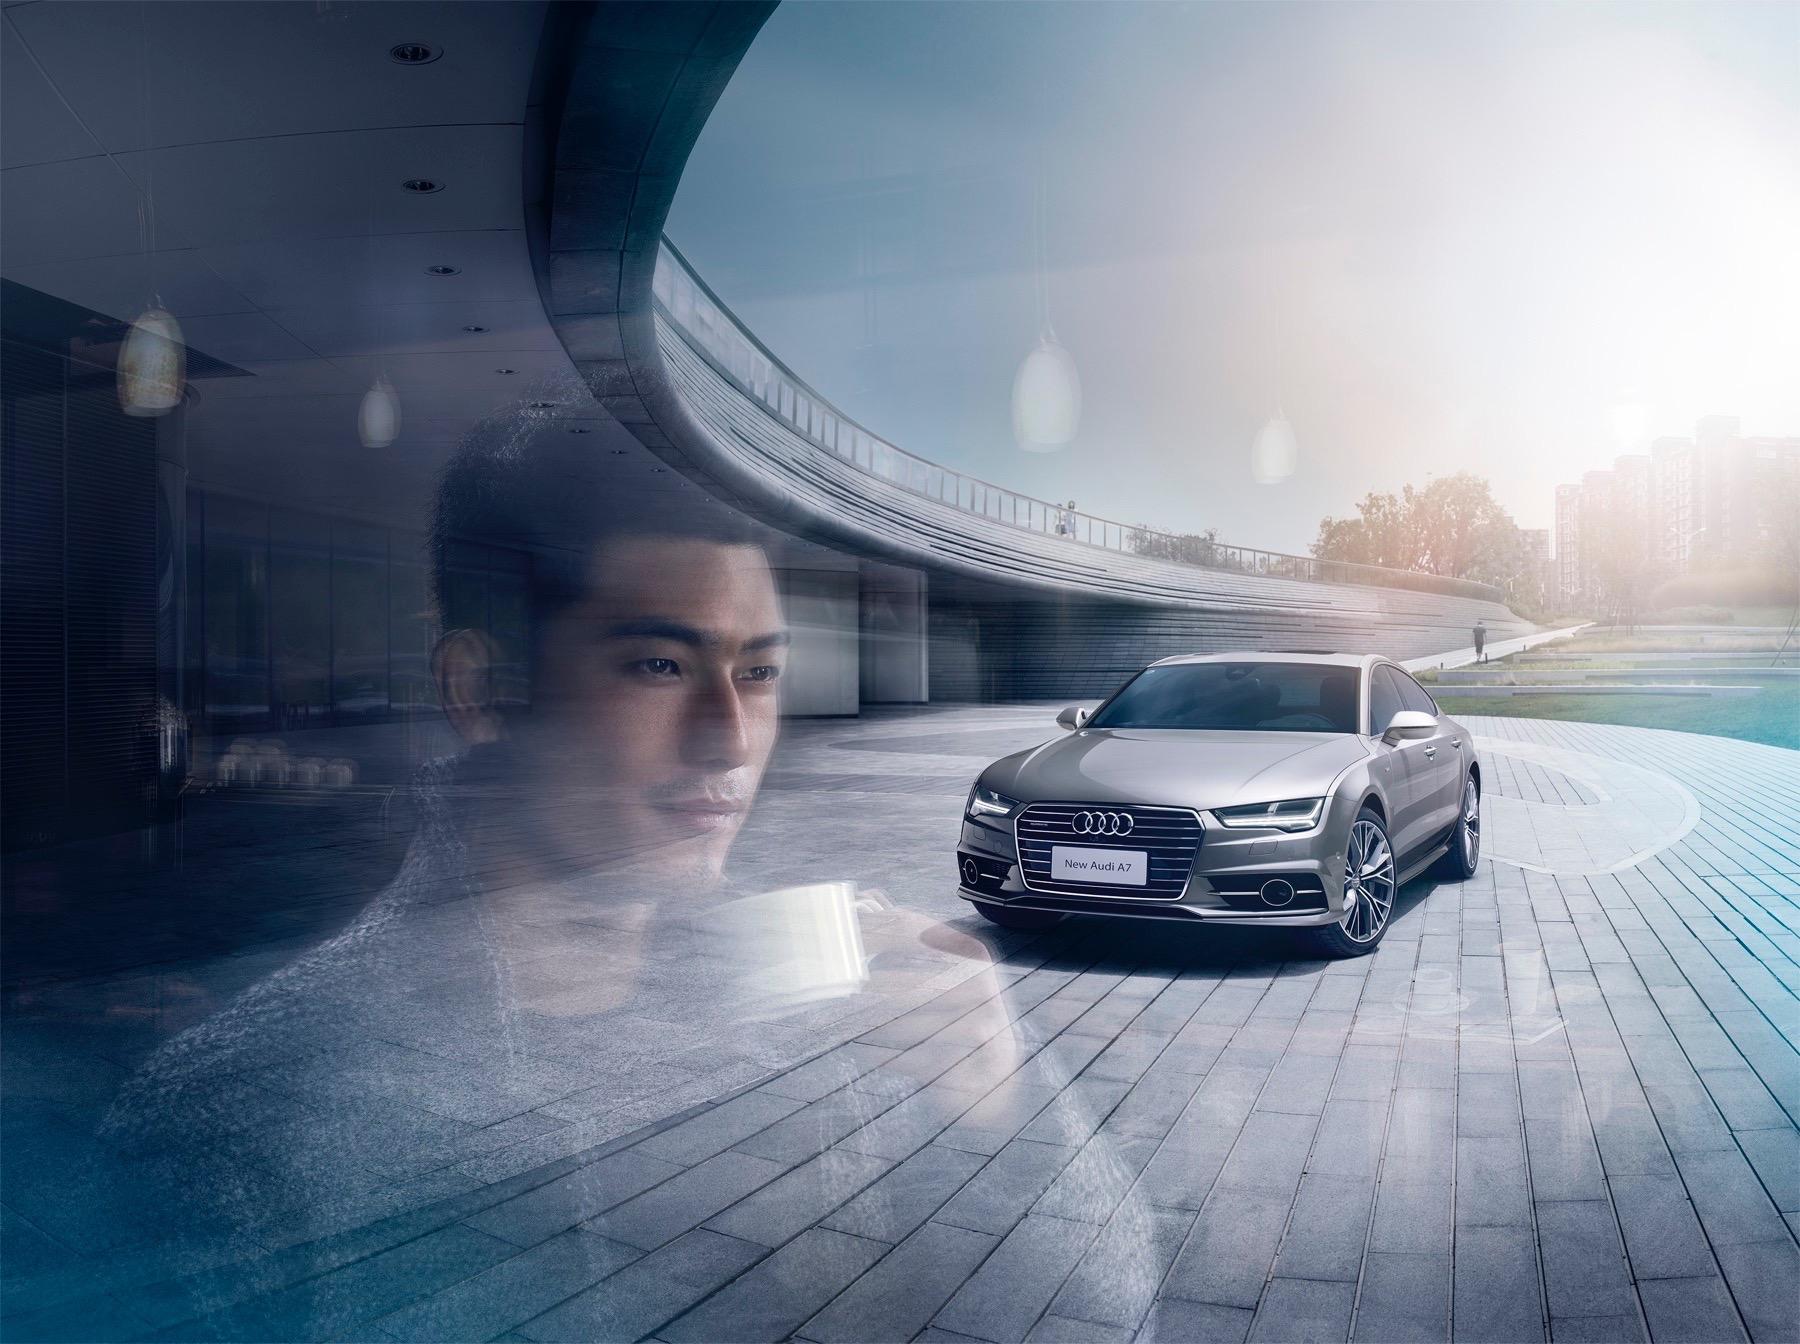 BBH_Audi01_LED_HFR141800sRGB.jpg